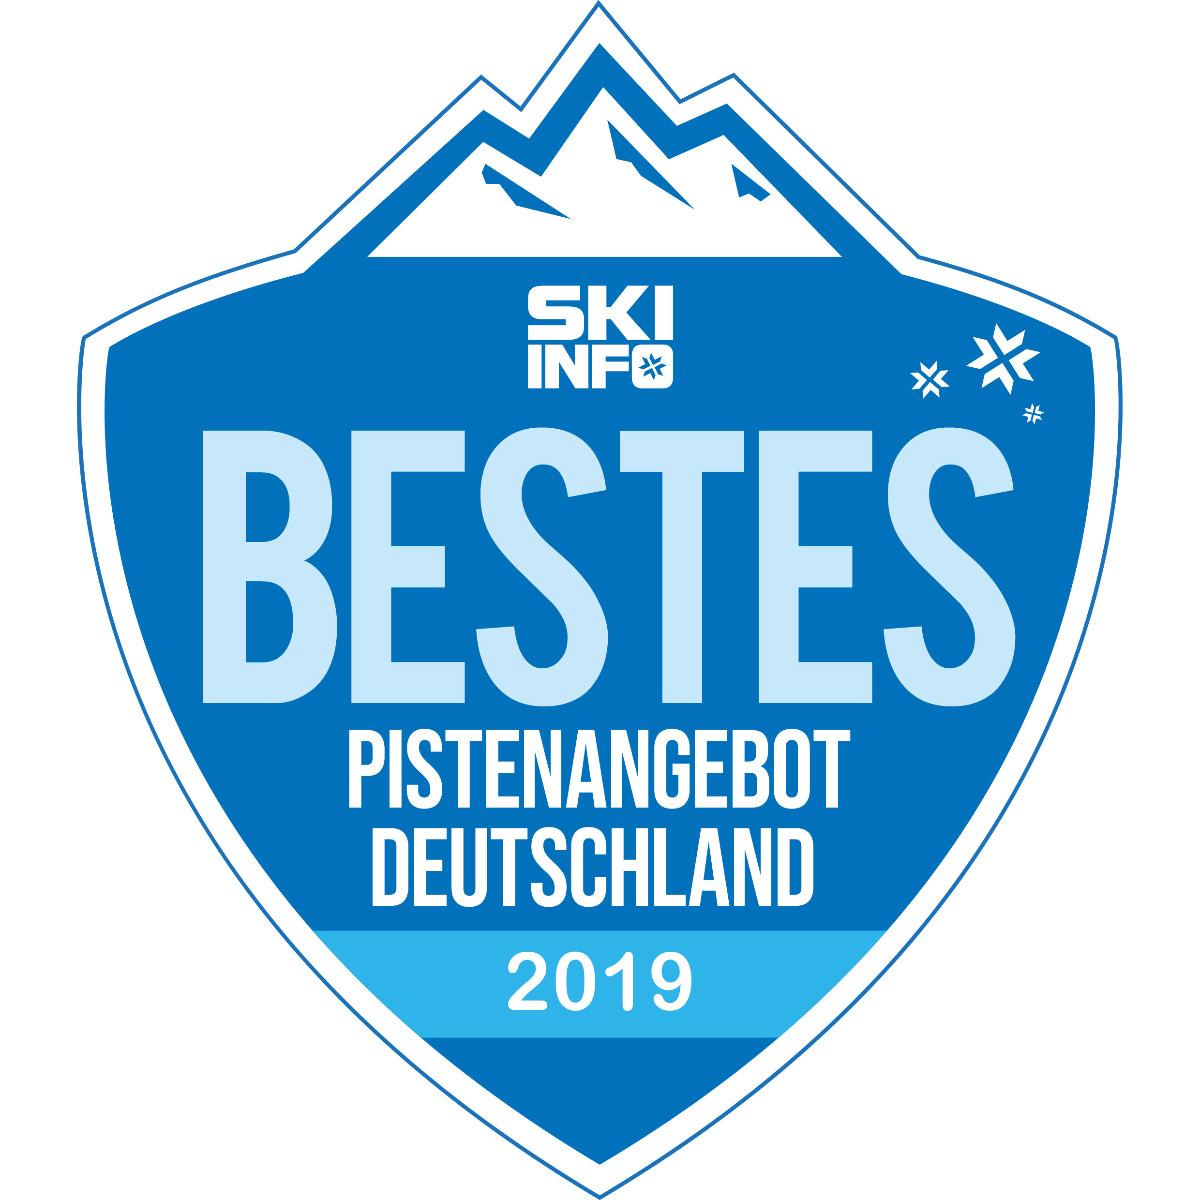 Bestes Pistenangebot Deutschland 2018/2019